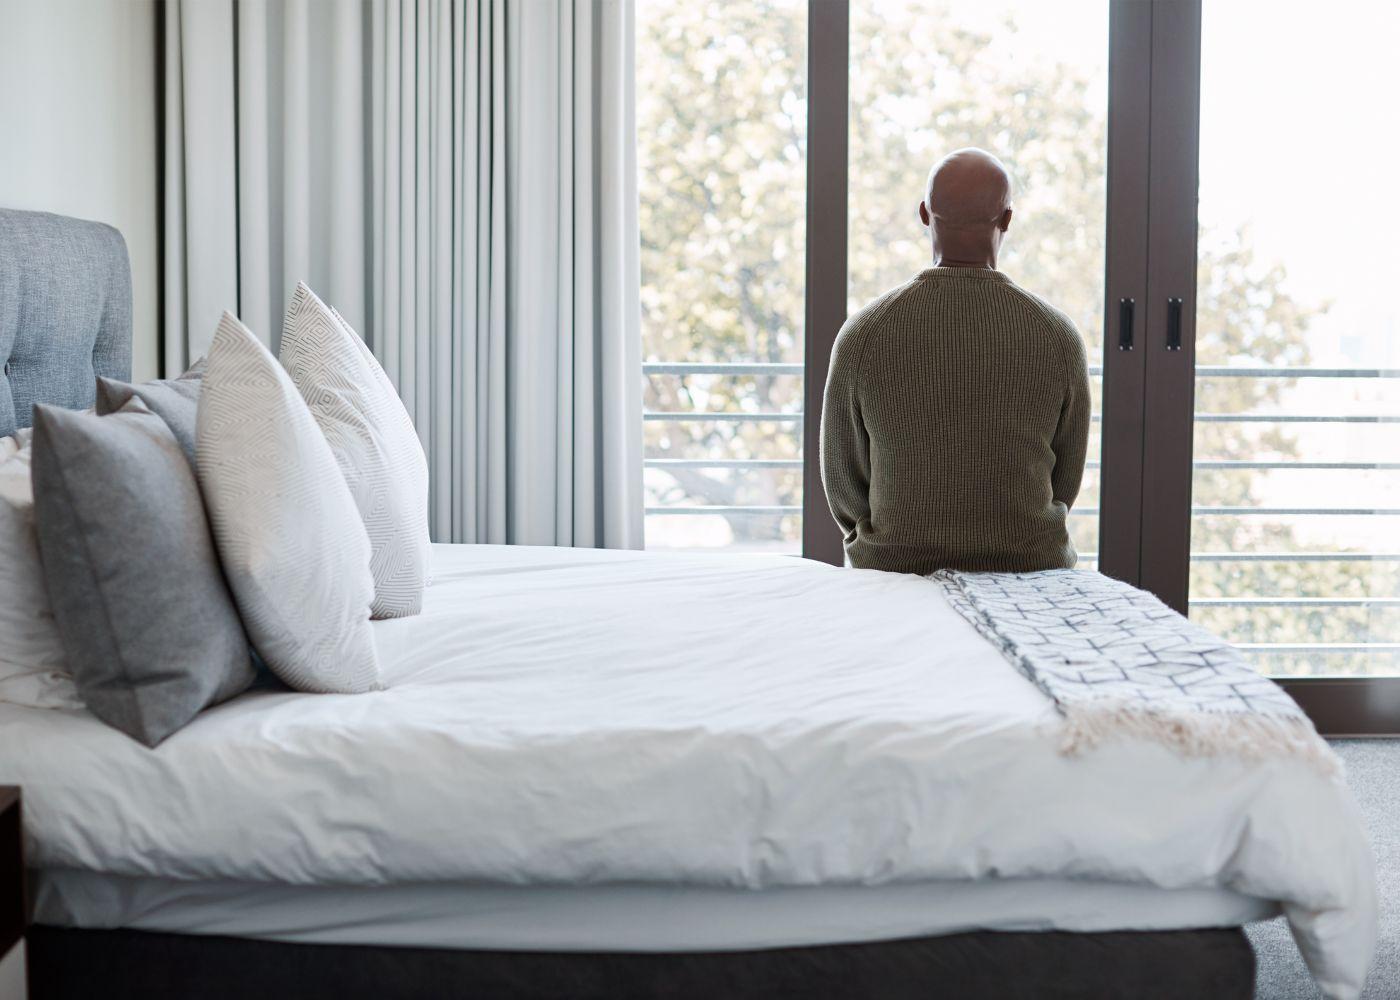 homem sentado na cama a olhar pela janela